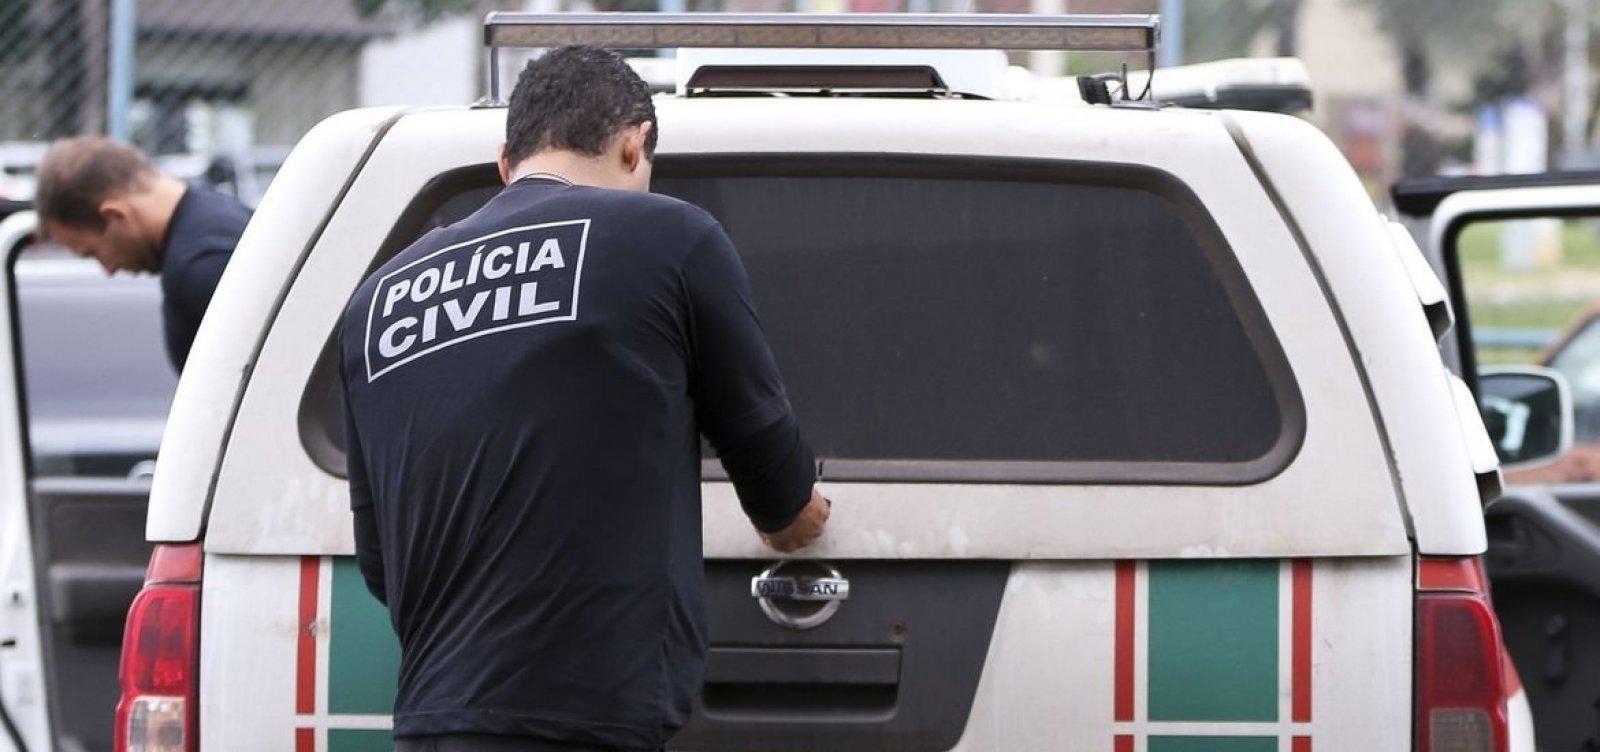 Número de mortos em operação no Jacarezinho sobe para 29, diz polícia do RJ